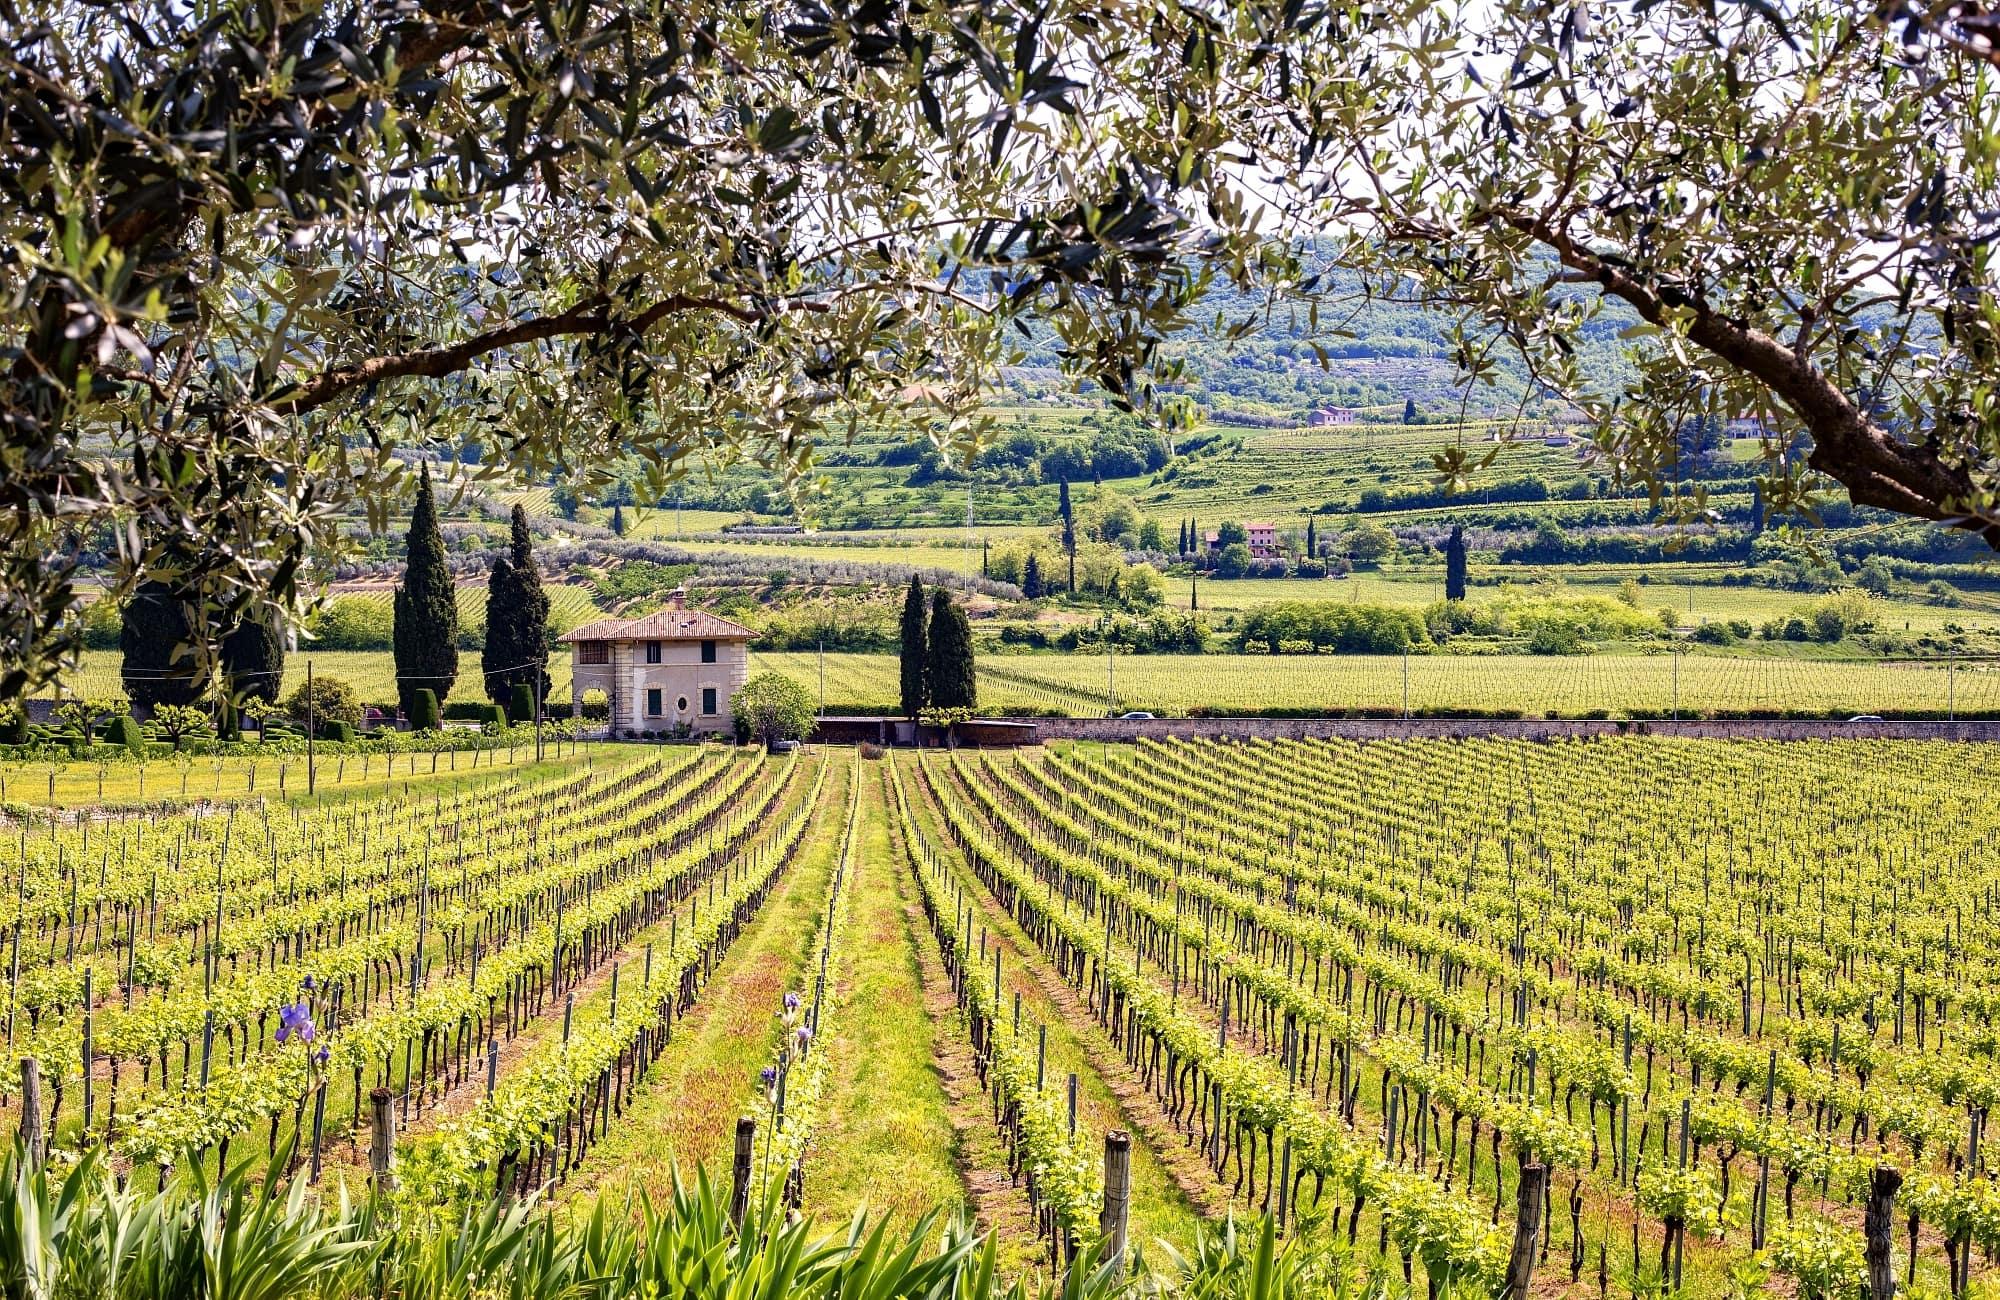 oenotourisme dans les terres toscannes !